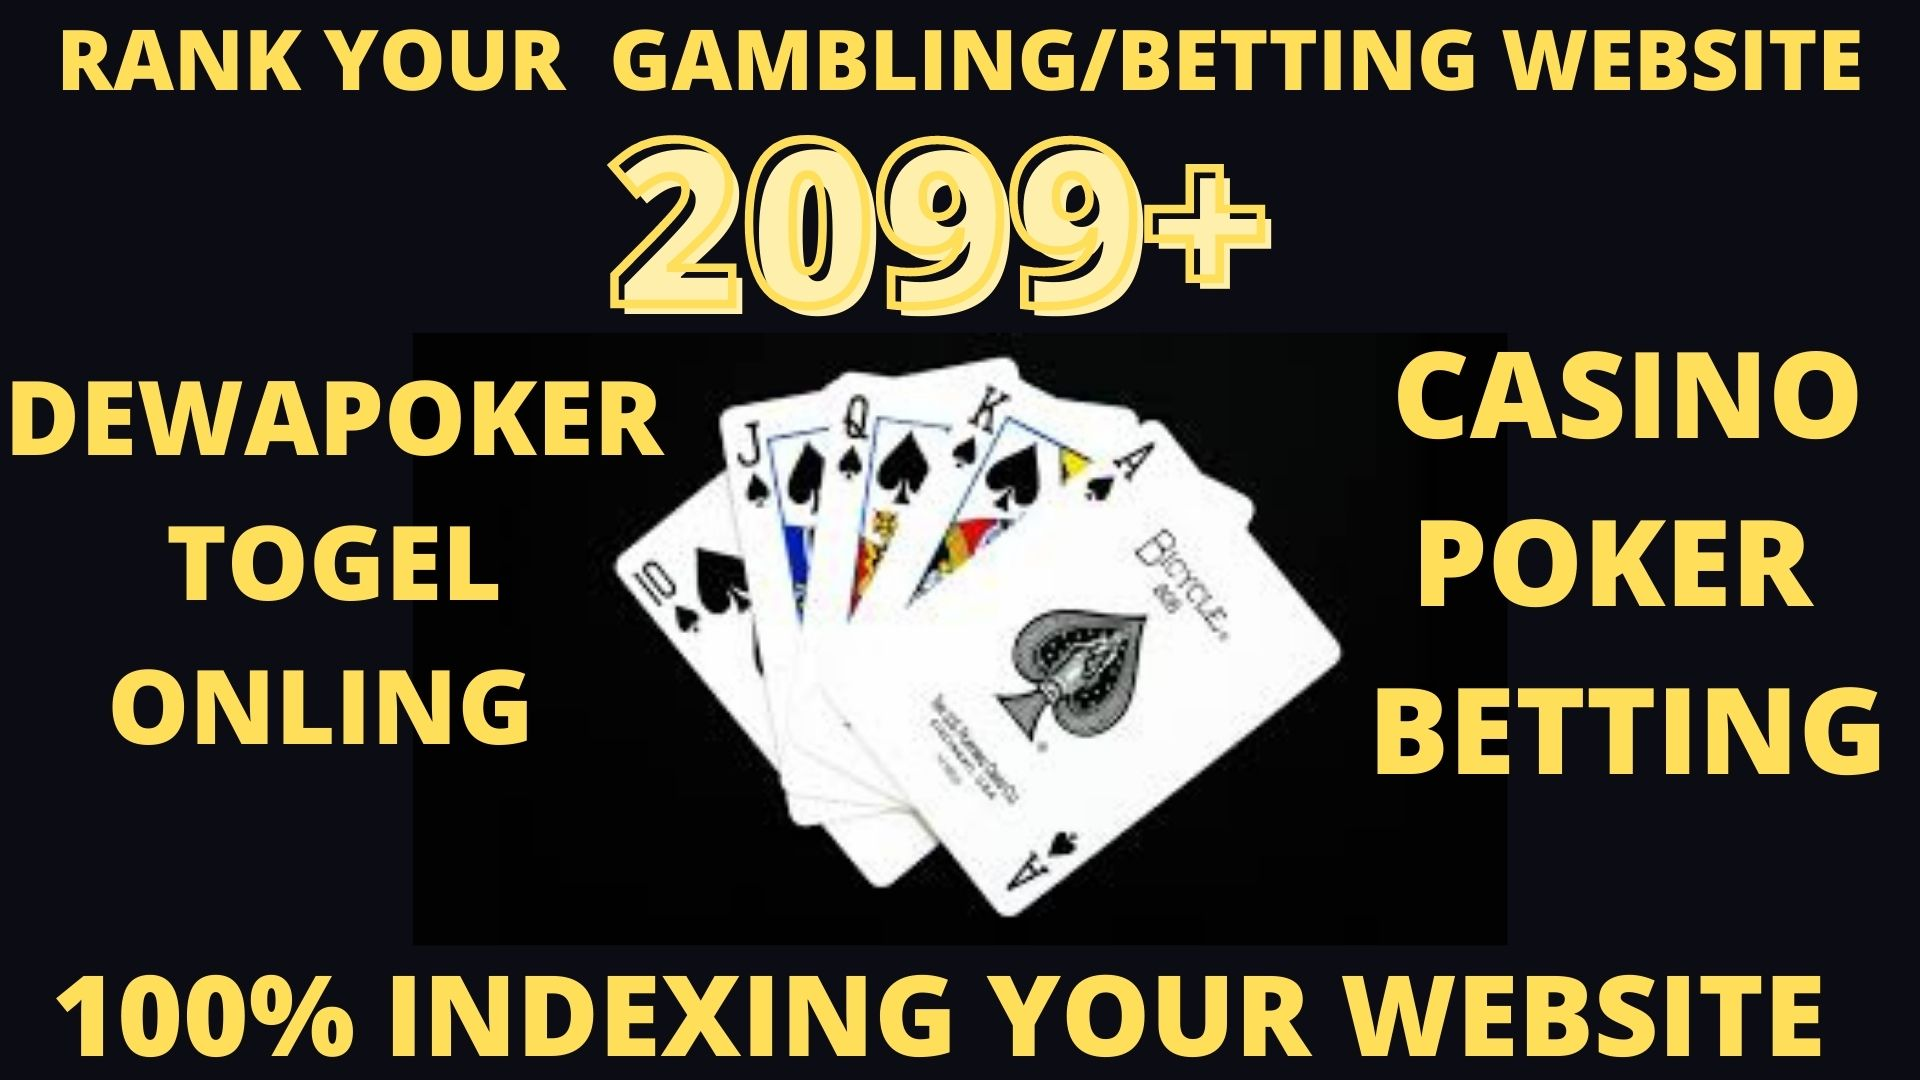 2099 High Quality Homepage Backlink Casino,  Poker,  Gambling BETTING DA50+ PA 35+ 100 DOFOLLOW